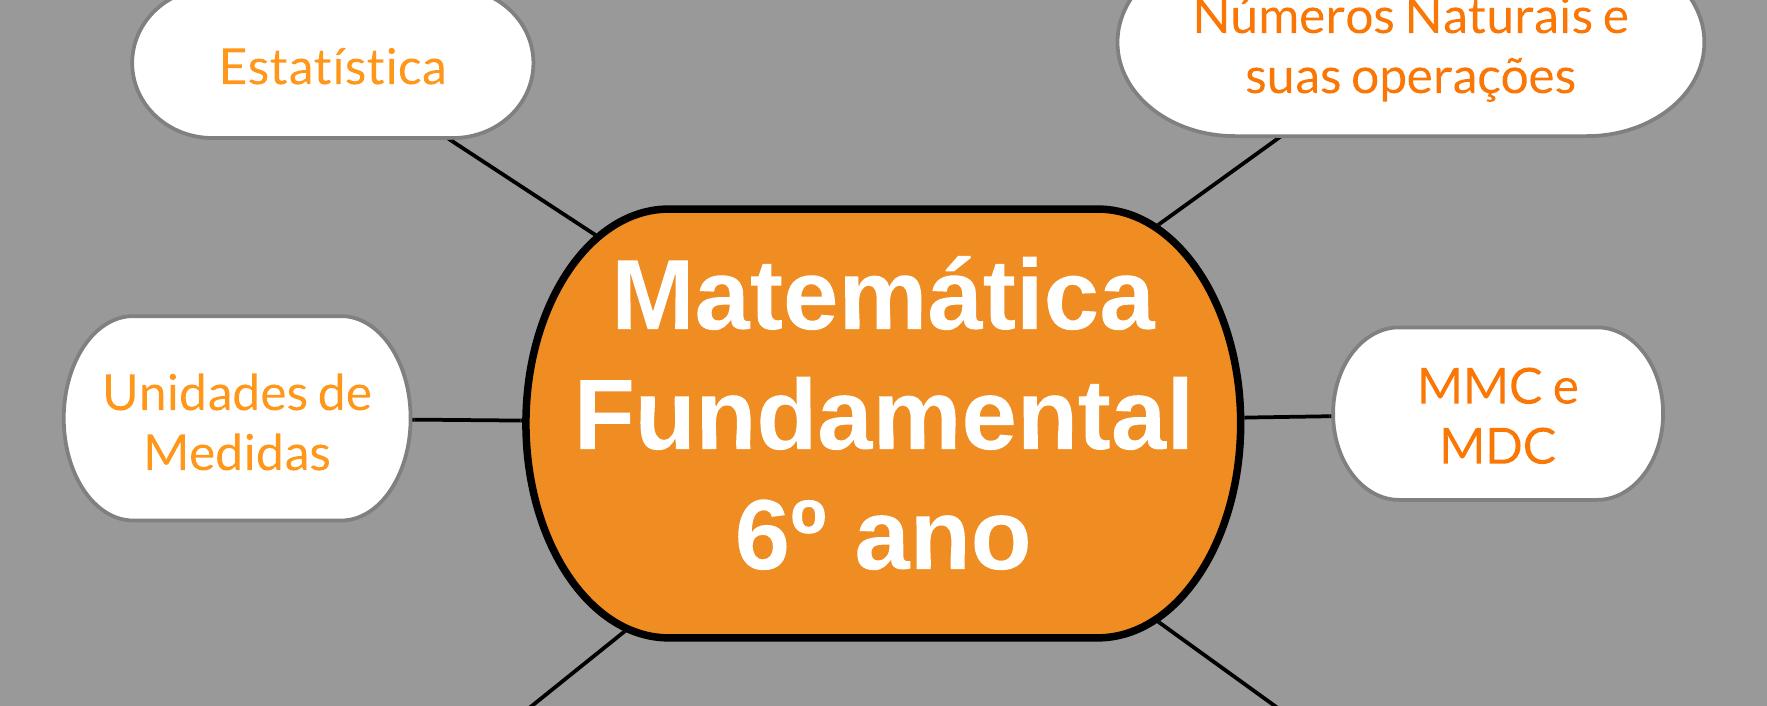 Resolução de Matemática Fundamental 6º ano